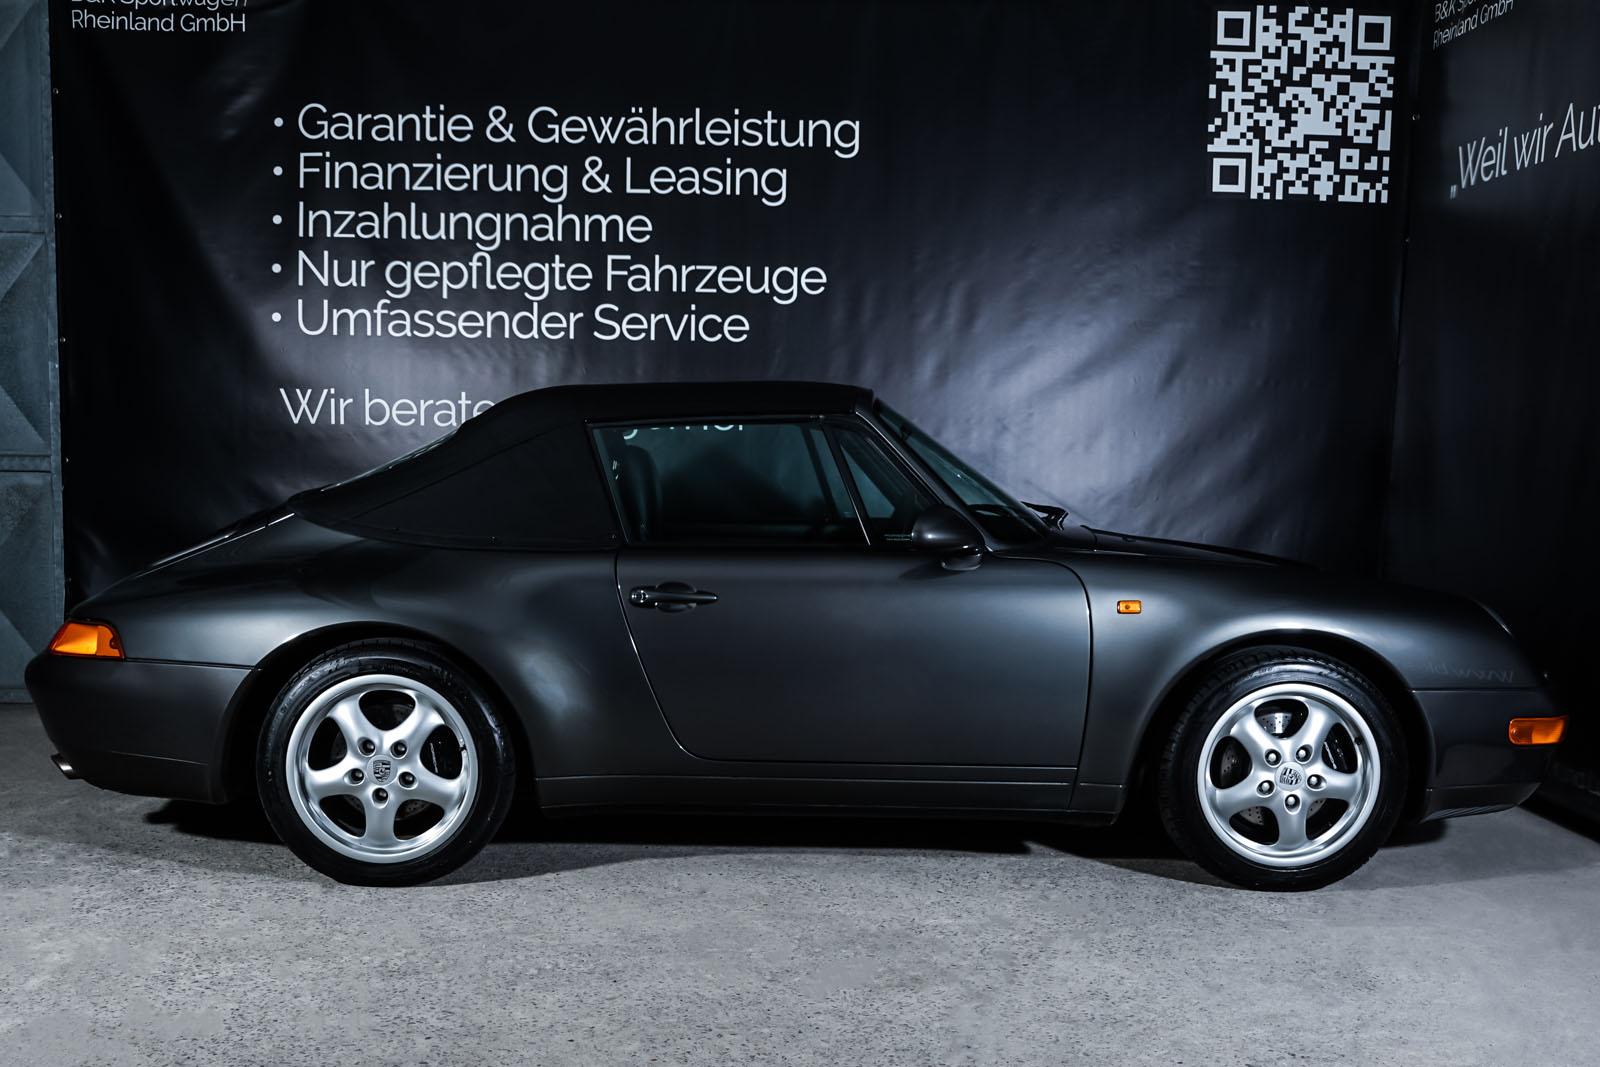 Porsche_993_Carrera_Cabrio_Grau_Schwarz_POR-2375_19_w